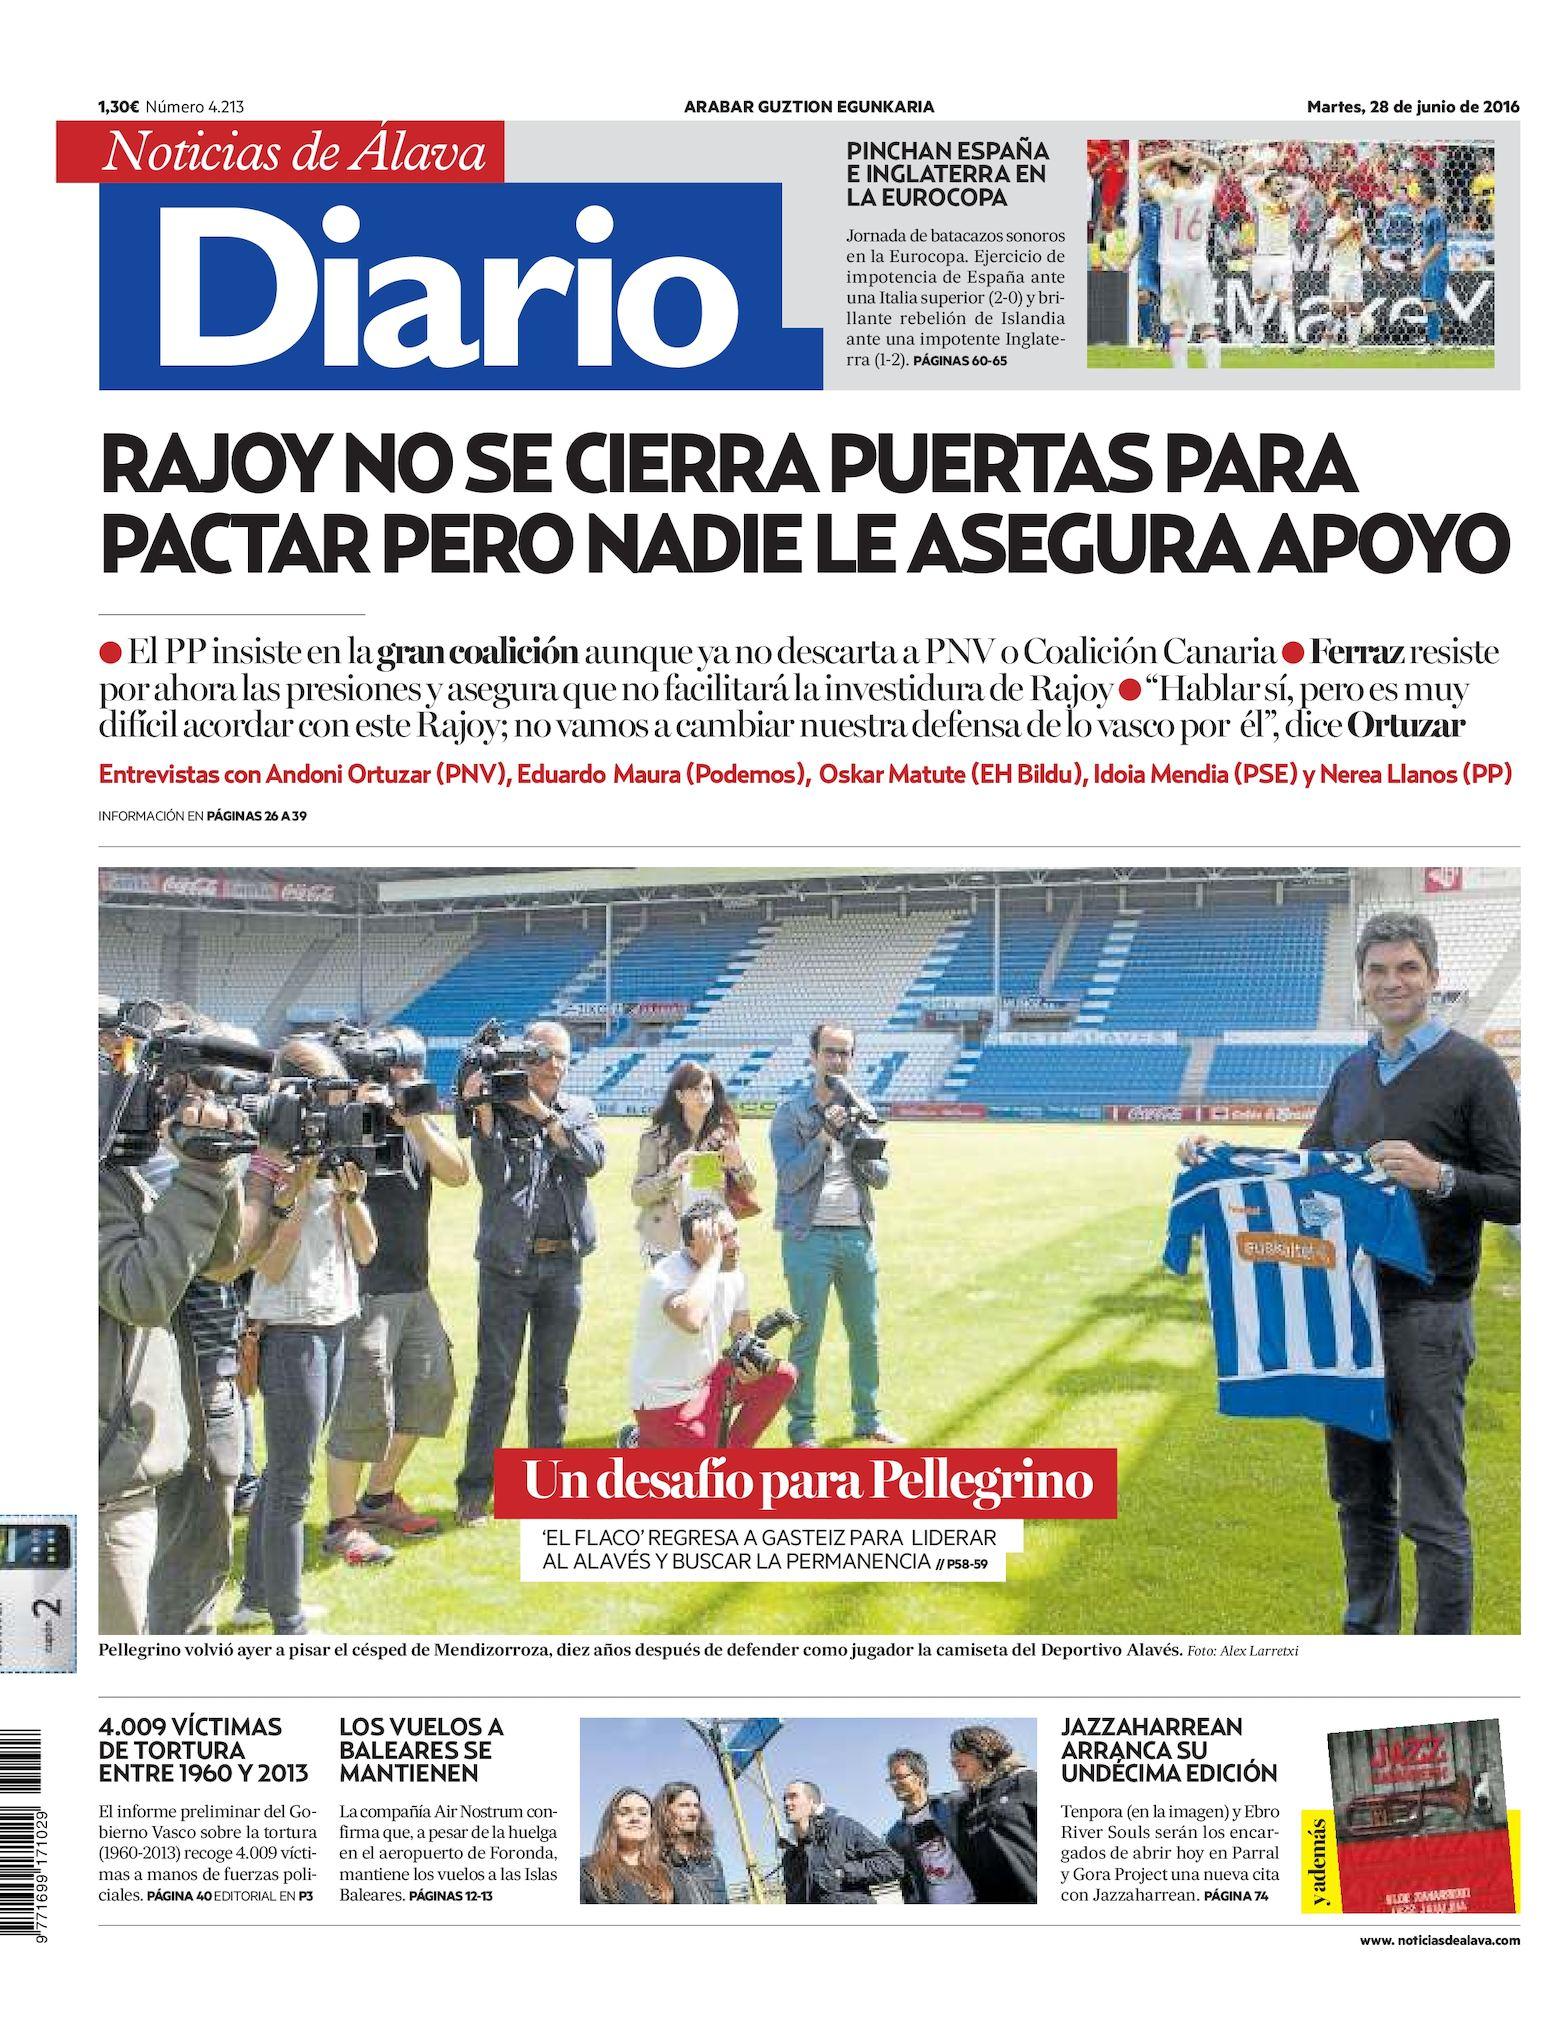 Noticias Álava Calaméo De 20160628 Diario NOw0PnX8k